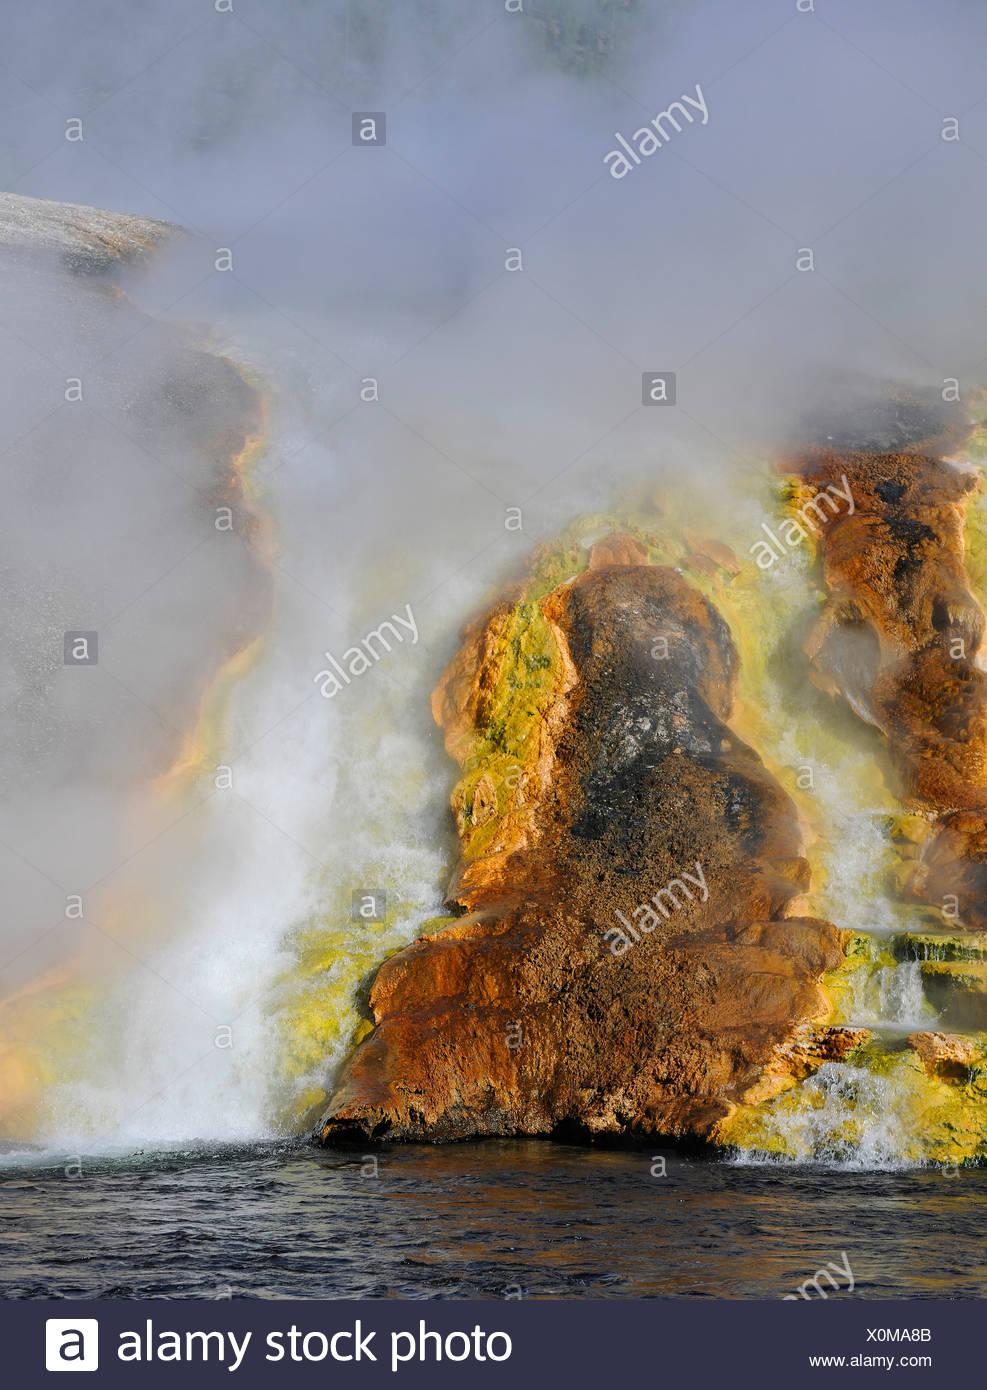 Sortie de l'Excelsior Geyser dans la rivière Firehole, Midway Geyser Basin, coloré de bactéries thermophiles, micro-organismes, des geysers Banque D'Images